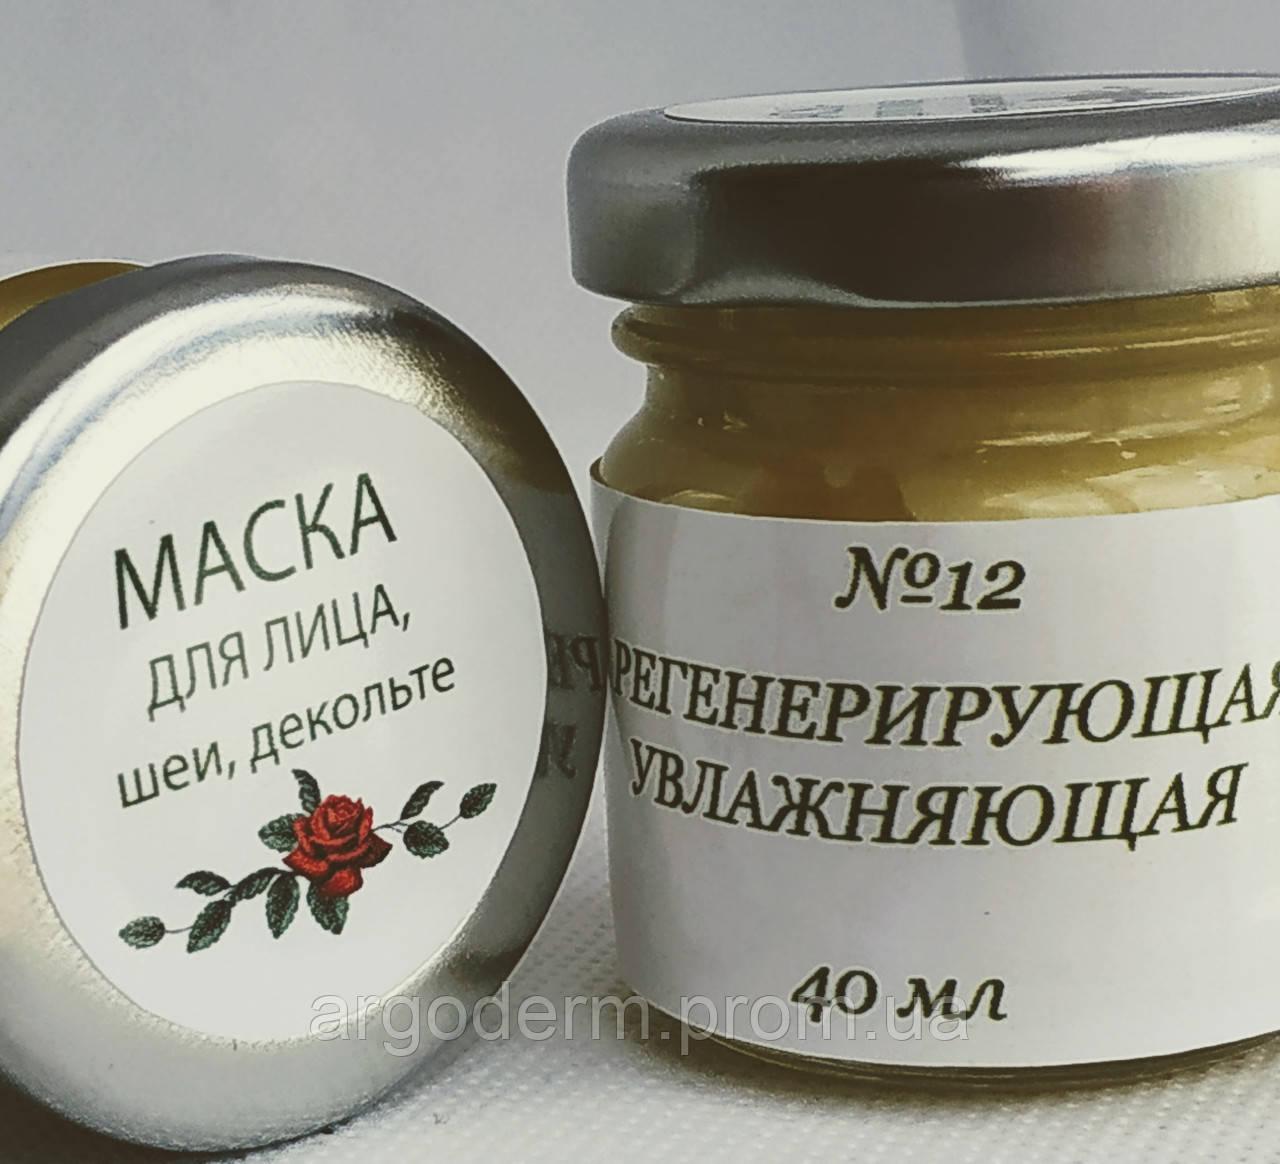 Питательная витаминная омолаживающая противовоспалительная маска с соком алое